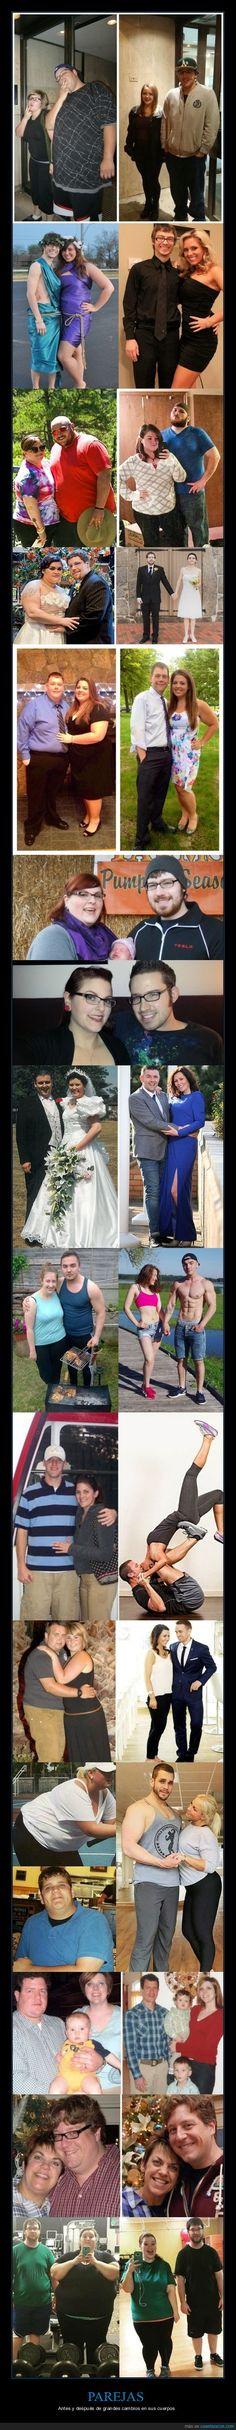 https://www.cuantarazon.com/1062767/fotos-inspiradoras-de-parejas-antes-y-despues-de-grandes-cambios-en-sus-cuerpos